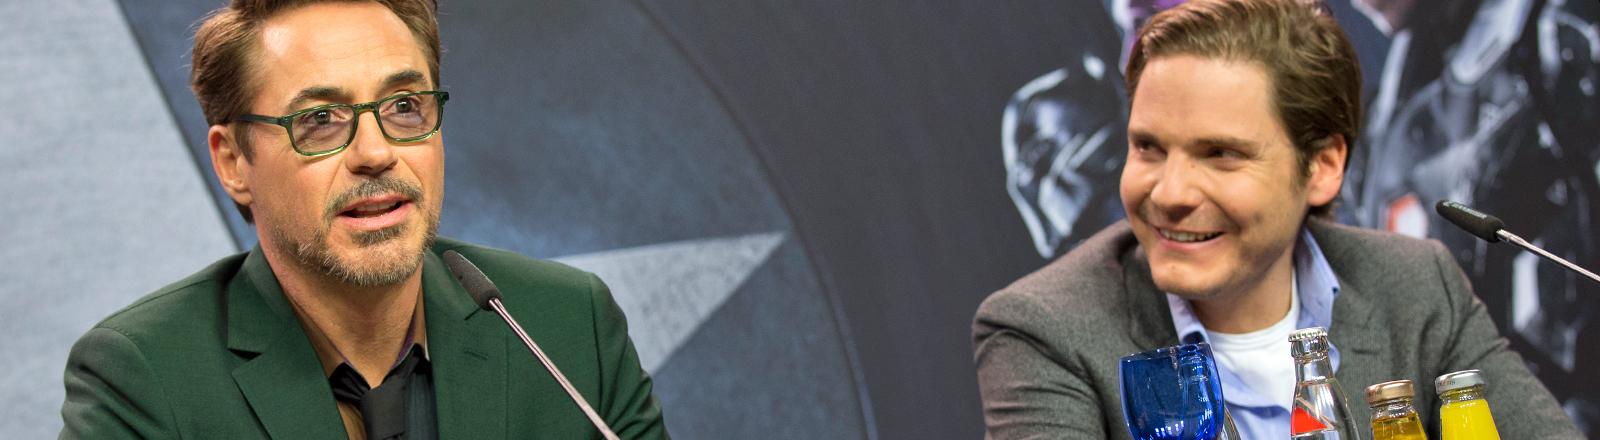 """Robert Downey Jr. und Daniel Brühl auf einer Pressekonferenz zu  """"The First Avenger""""."""